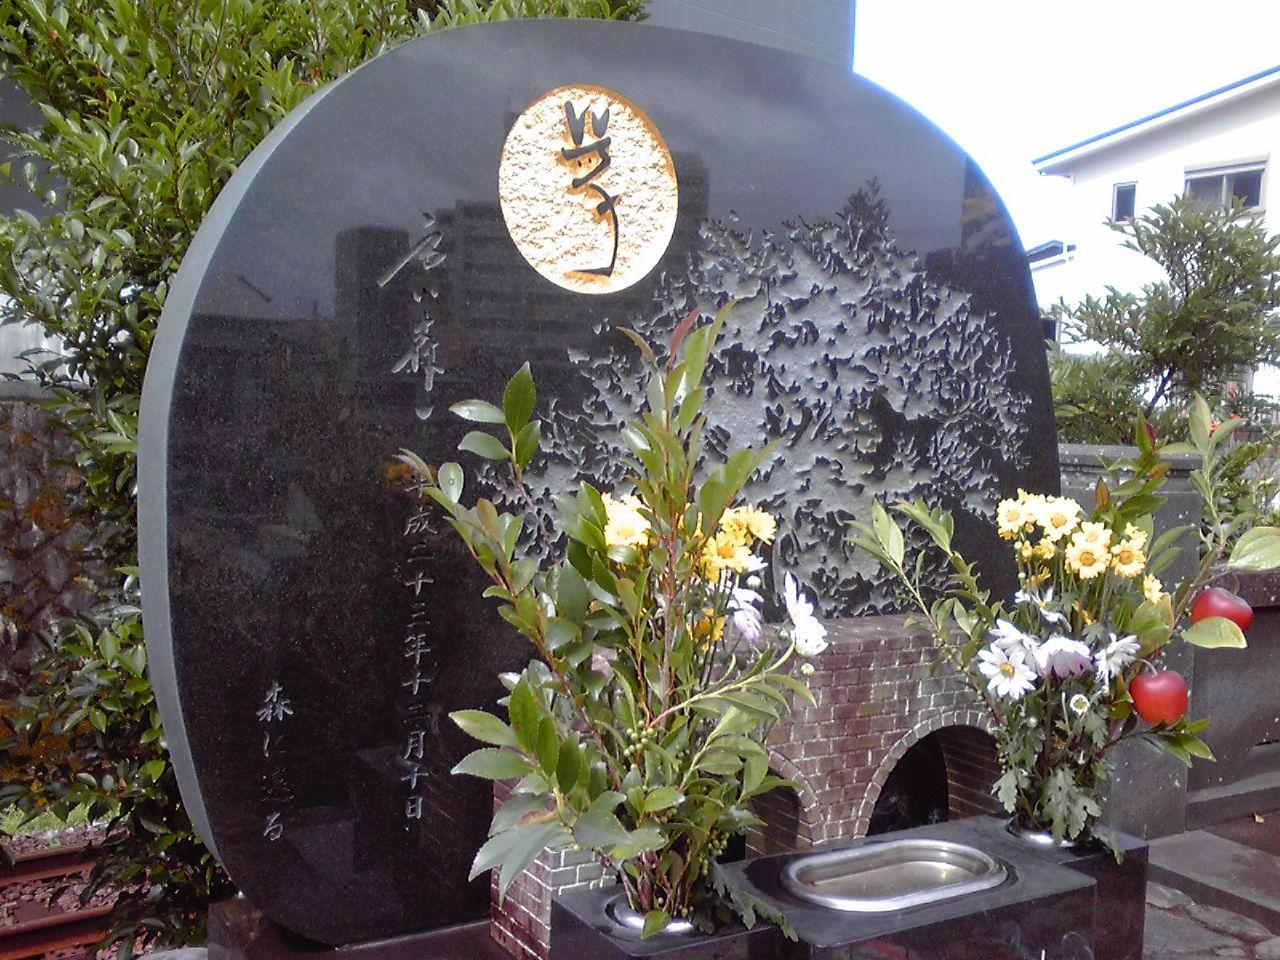 九重佑三子の初代「コメットさん」 市川森一さん墓参報告 ★皆様、お久しぶりです。 連日連夜激務のため、ご無沙汰1ヵ月ぶりとなりました。